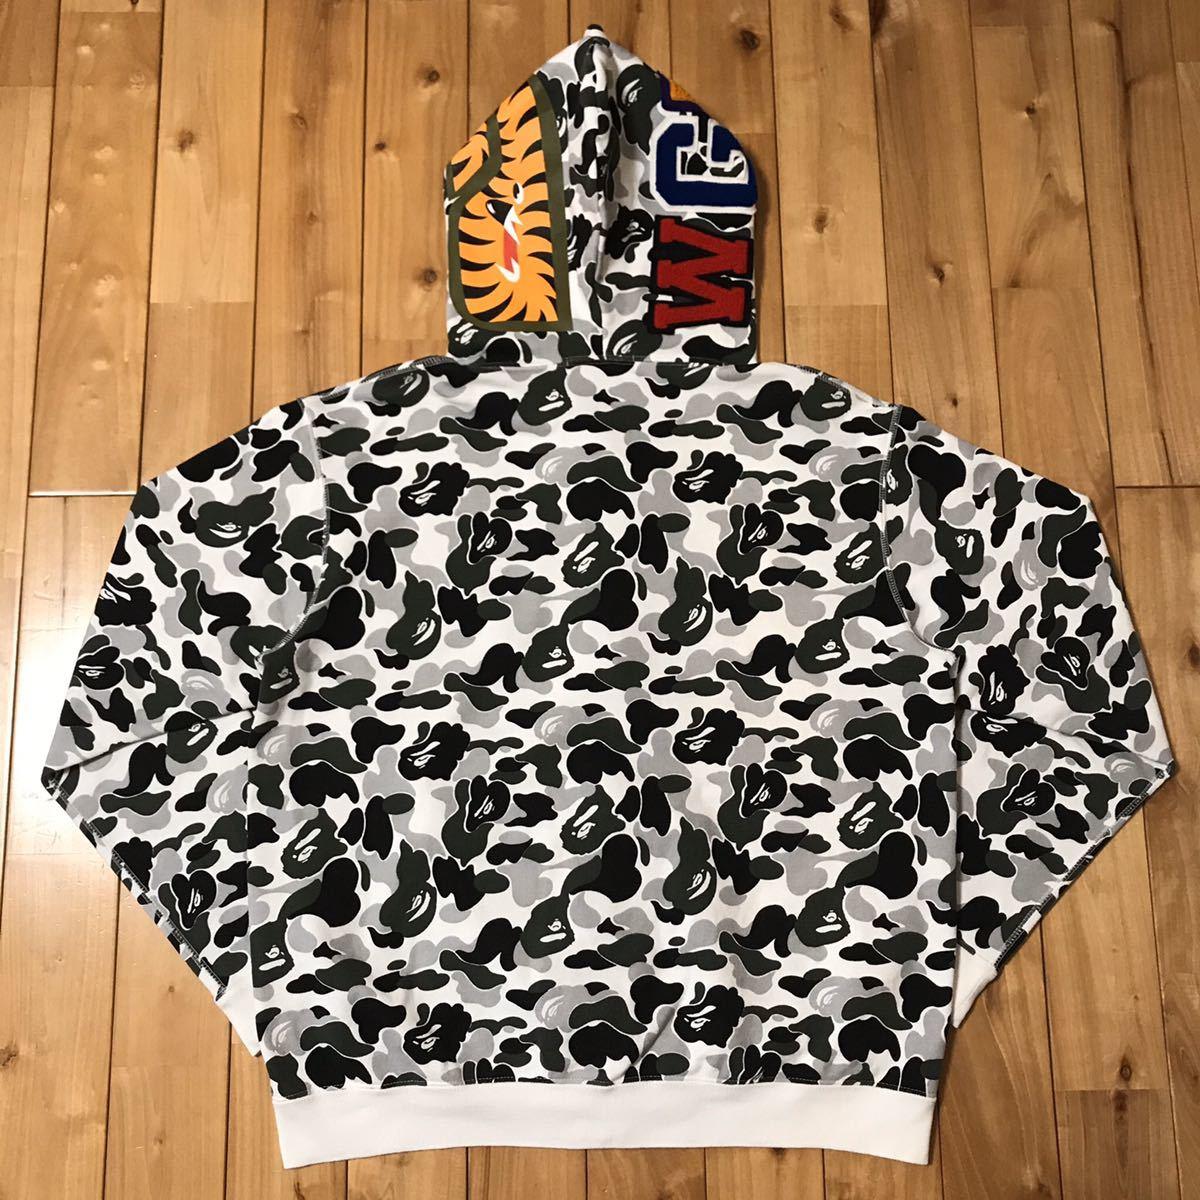 ★京都限定★ kyoto color camo シャーク パーカー Mサイズ shark full zip hoodie a bathing ape BAPE エイプ ベイプ city camo 都市限定